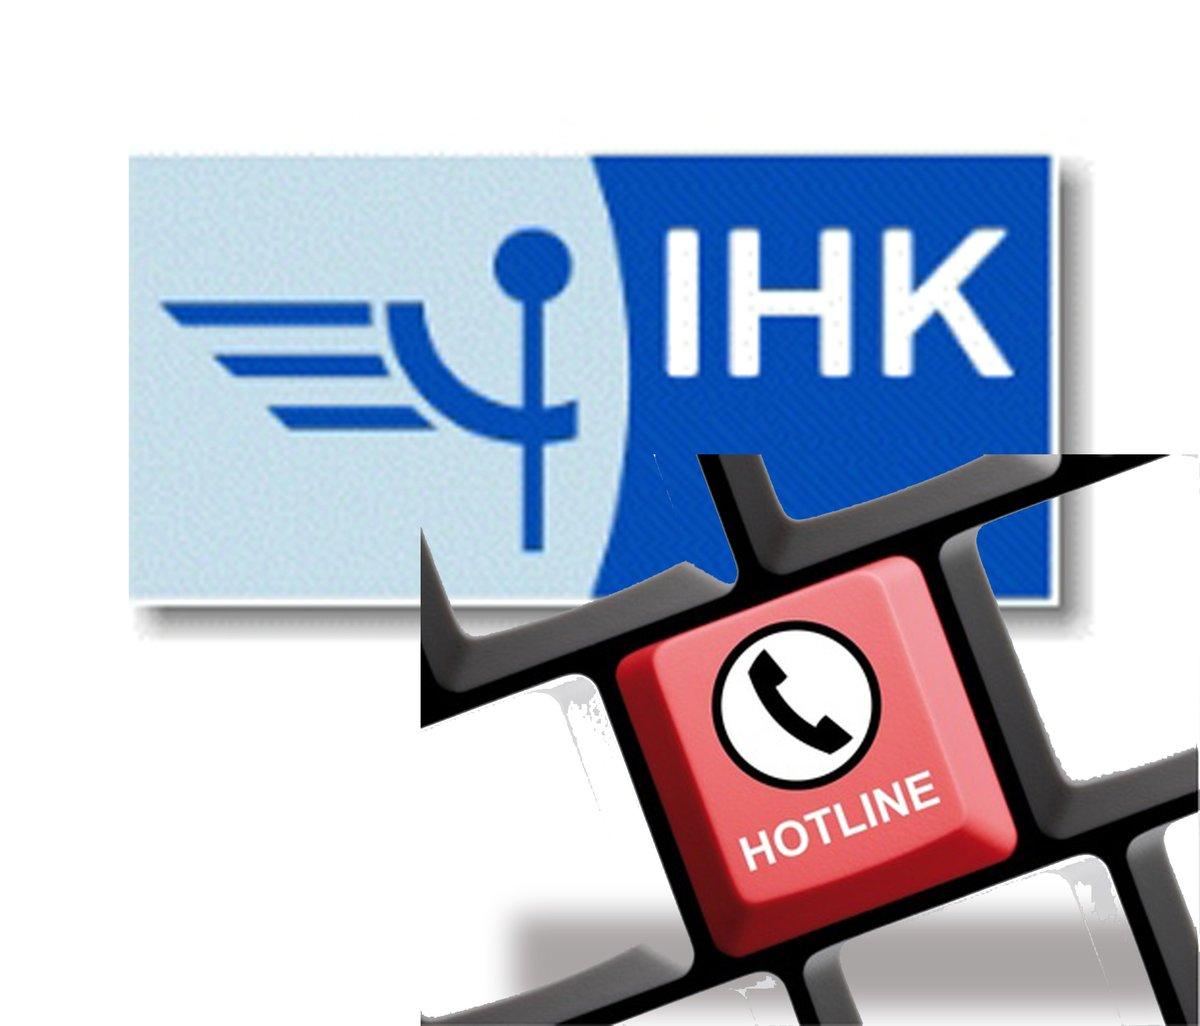 Ihk Hotline Am 29 Mai Bewerbungstipps Mit Hauptschulabschluss In